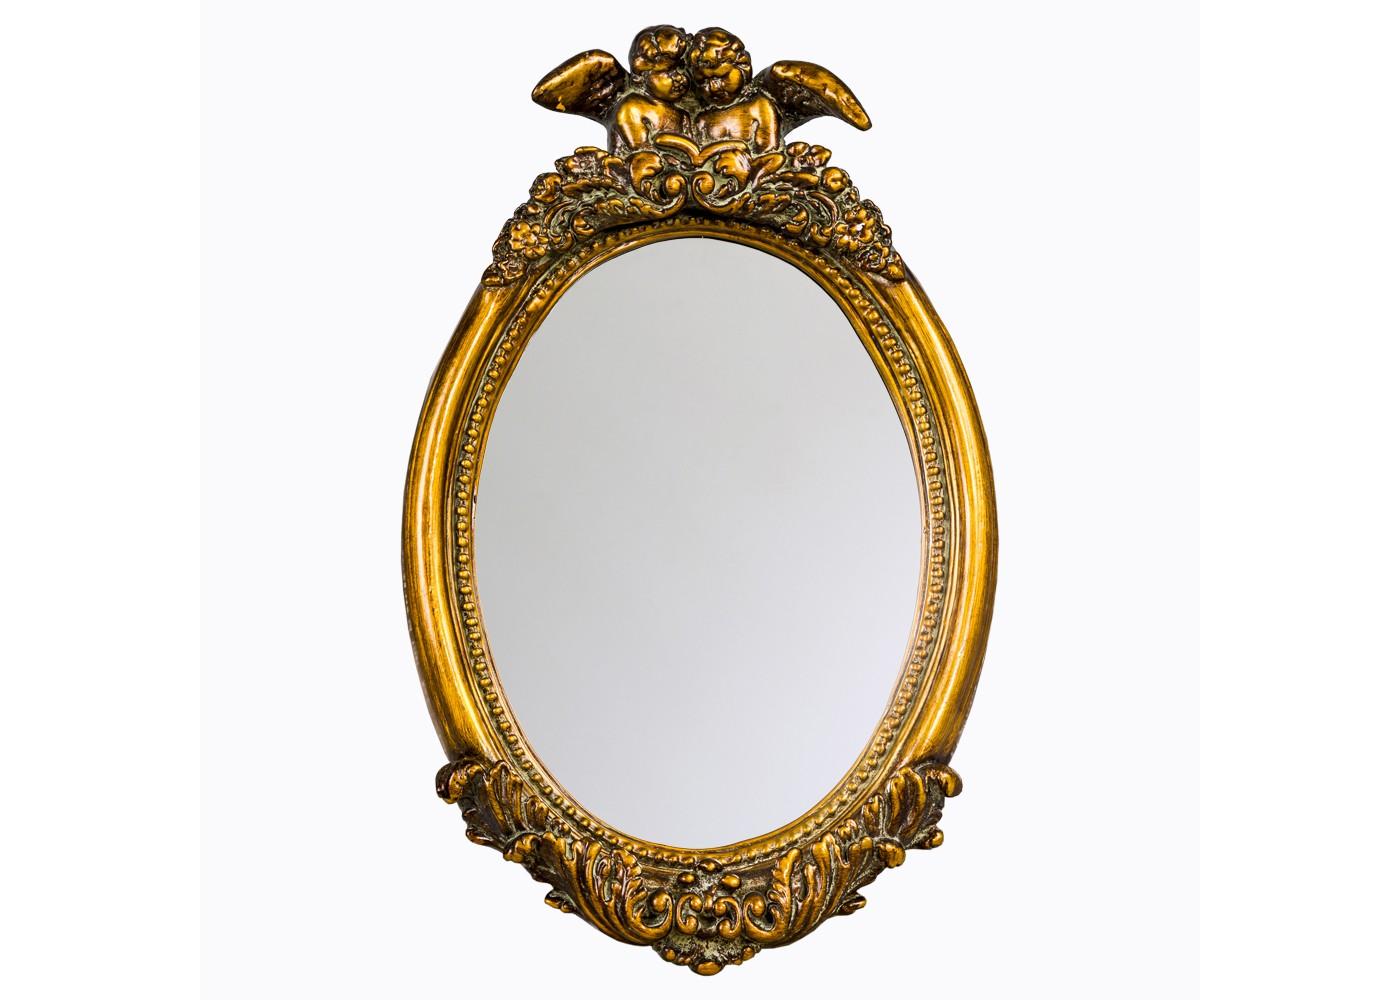 Настенное зеркало «Рафаэль»Настенные зеркала<br>Зеркало &amp;quot;Рафаэль&amp;quot; просто создано для интерьеров, тяготеющих к гармонии и избегающих контрастности. Идеальное сочетание романтичной отделки, благородной палитры и плавности форм рождает французский образ, полный интимной роскоши. Сплетения растительного орнамента служат лучшим украшением овальной рамы, на свету играющей блеском состаренной позолоты. В дополнении утонченной красотой двух миниатюрных ангелов, все это обретает по-настоящему райское великолепие.&amp;lt;div&amp;gt;&amp;lt;br&amp;gt;&amp;lt;/div&amp;gt;&amp;lt;div&amp;gt;Размер изделия: 37?59?6,3 см.&amp;lt;/div&amp;gt;&amp;lt;div&amp;gt;Вес: 1,7 кг.&amp;lt;/div&amp;gt;<br><br>Material: Пластик<br>Width см: 37<br>Depth см: 6,3<br>Height см: 59